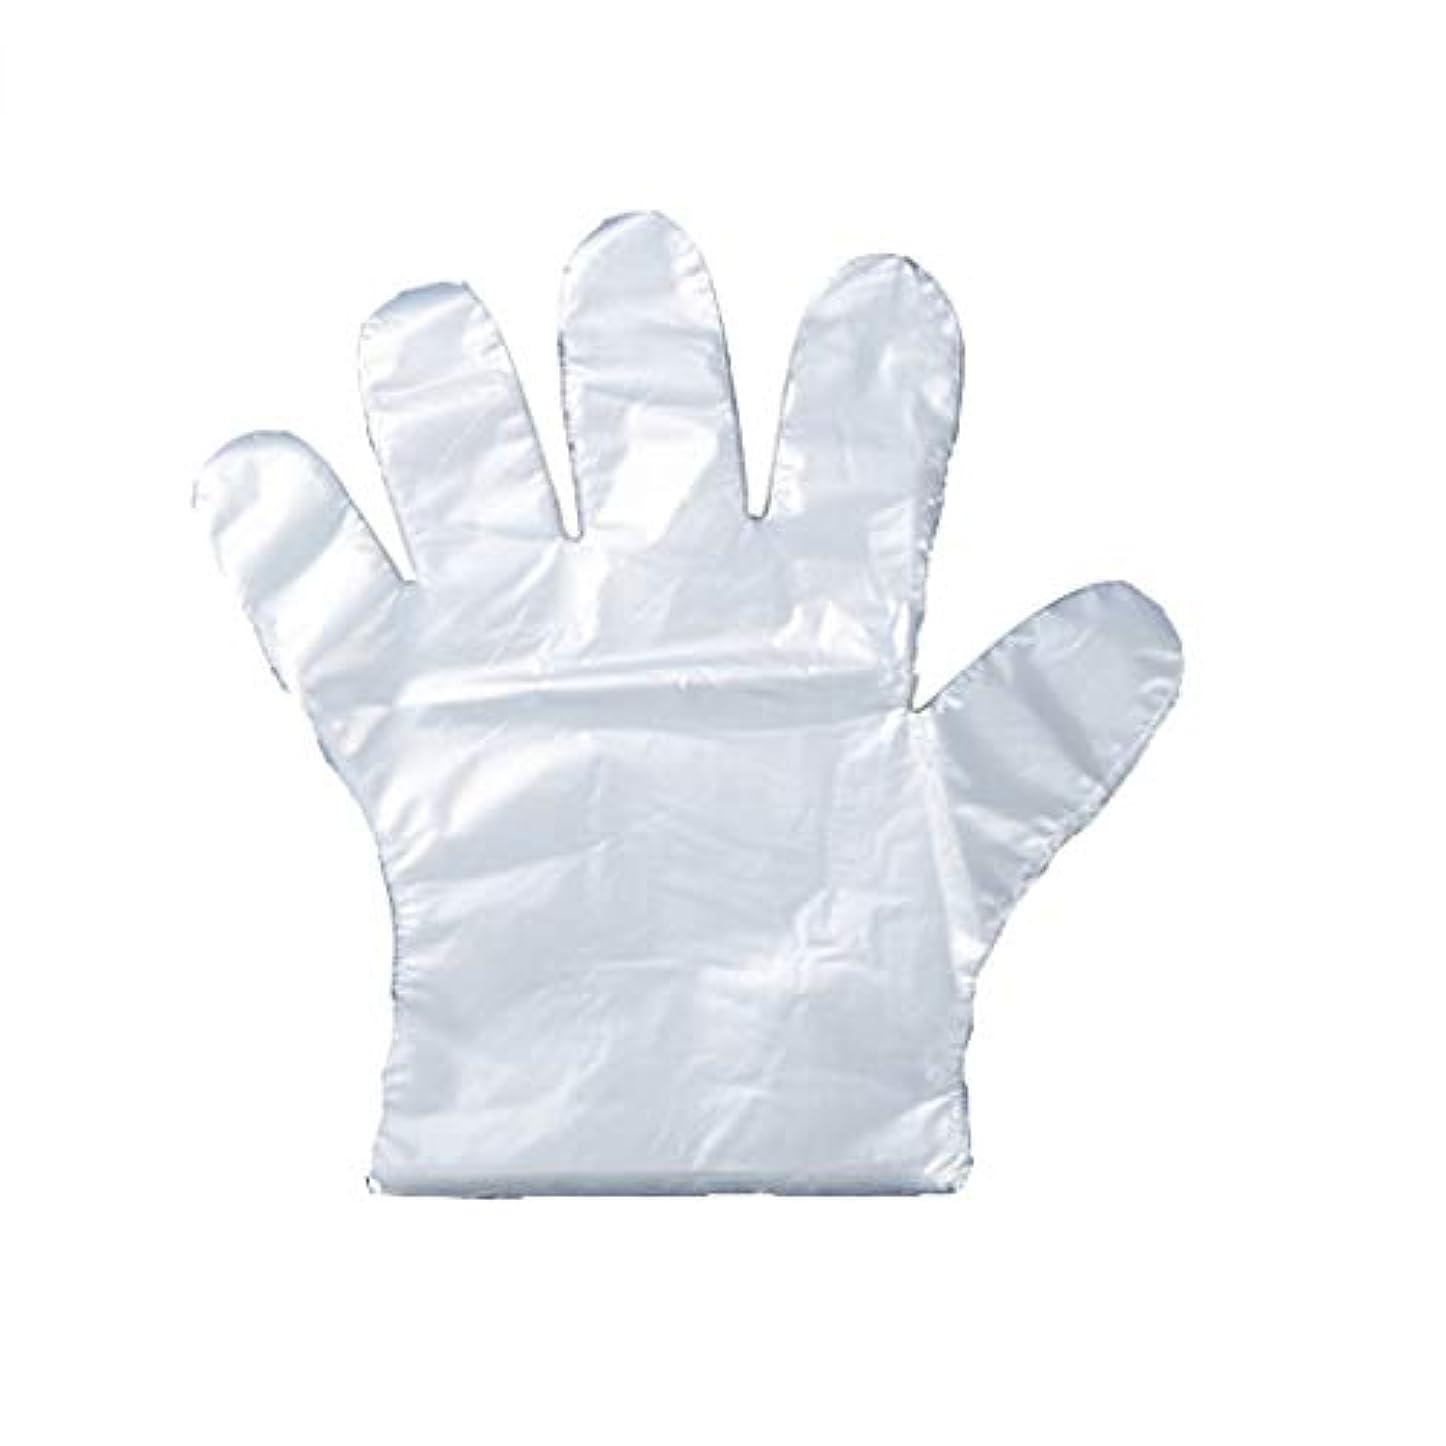 囲い請求可能物質手袋、使い捨て手袋、食堂、髪および肥厚手袋PVC手袋は、1000倍になった。